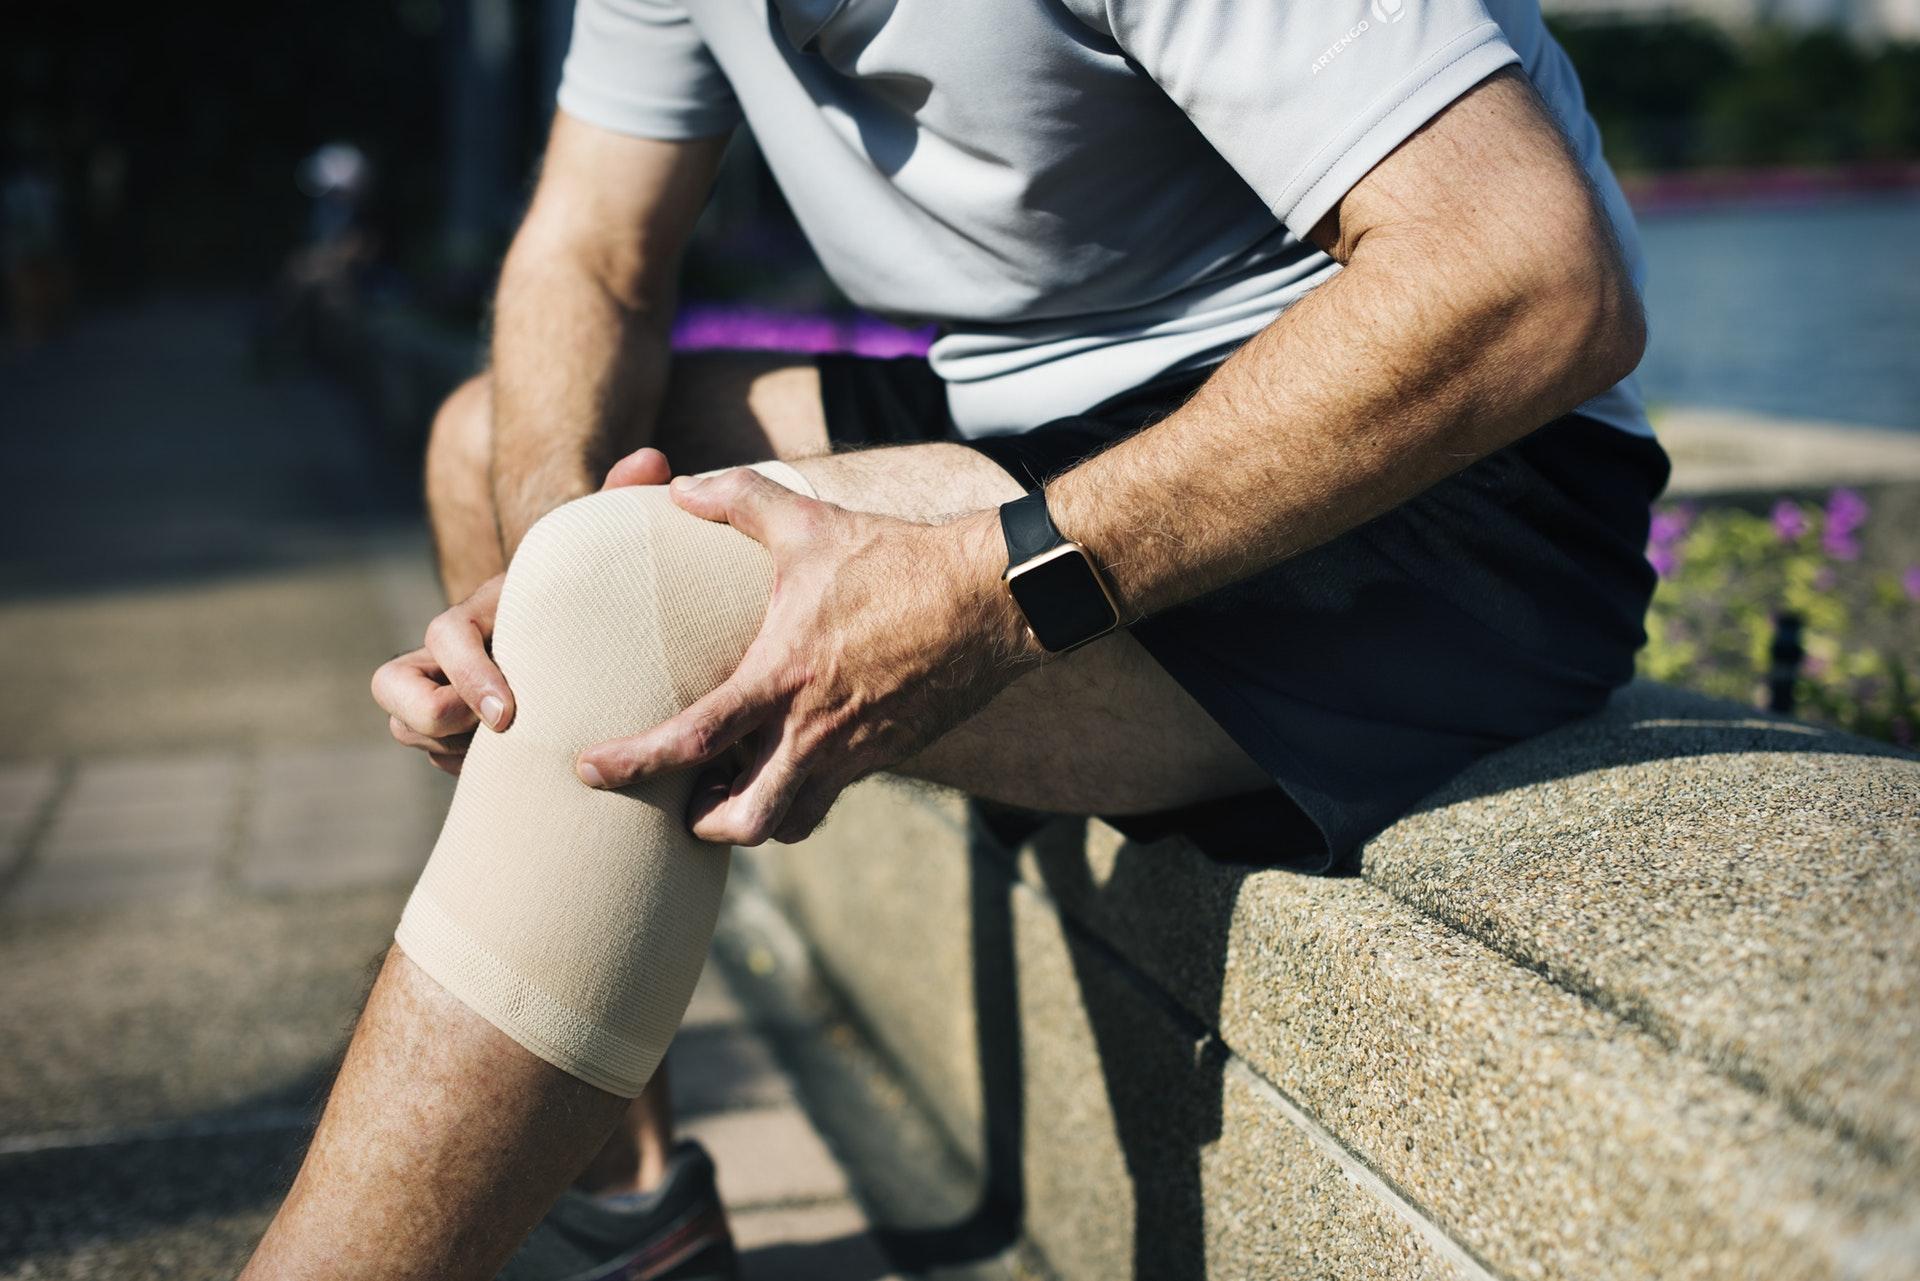 Kako spriječiti ozljedu koljenog zgloba